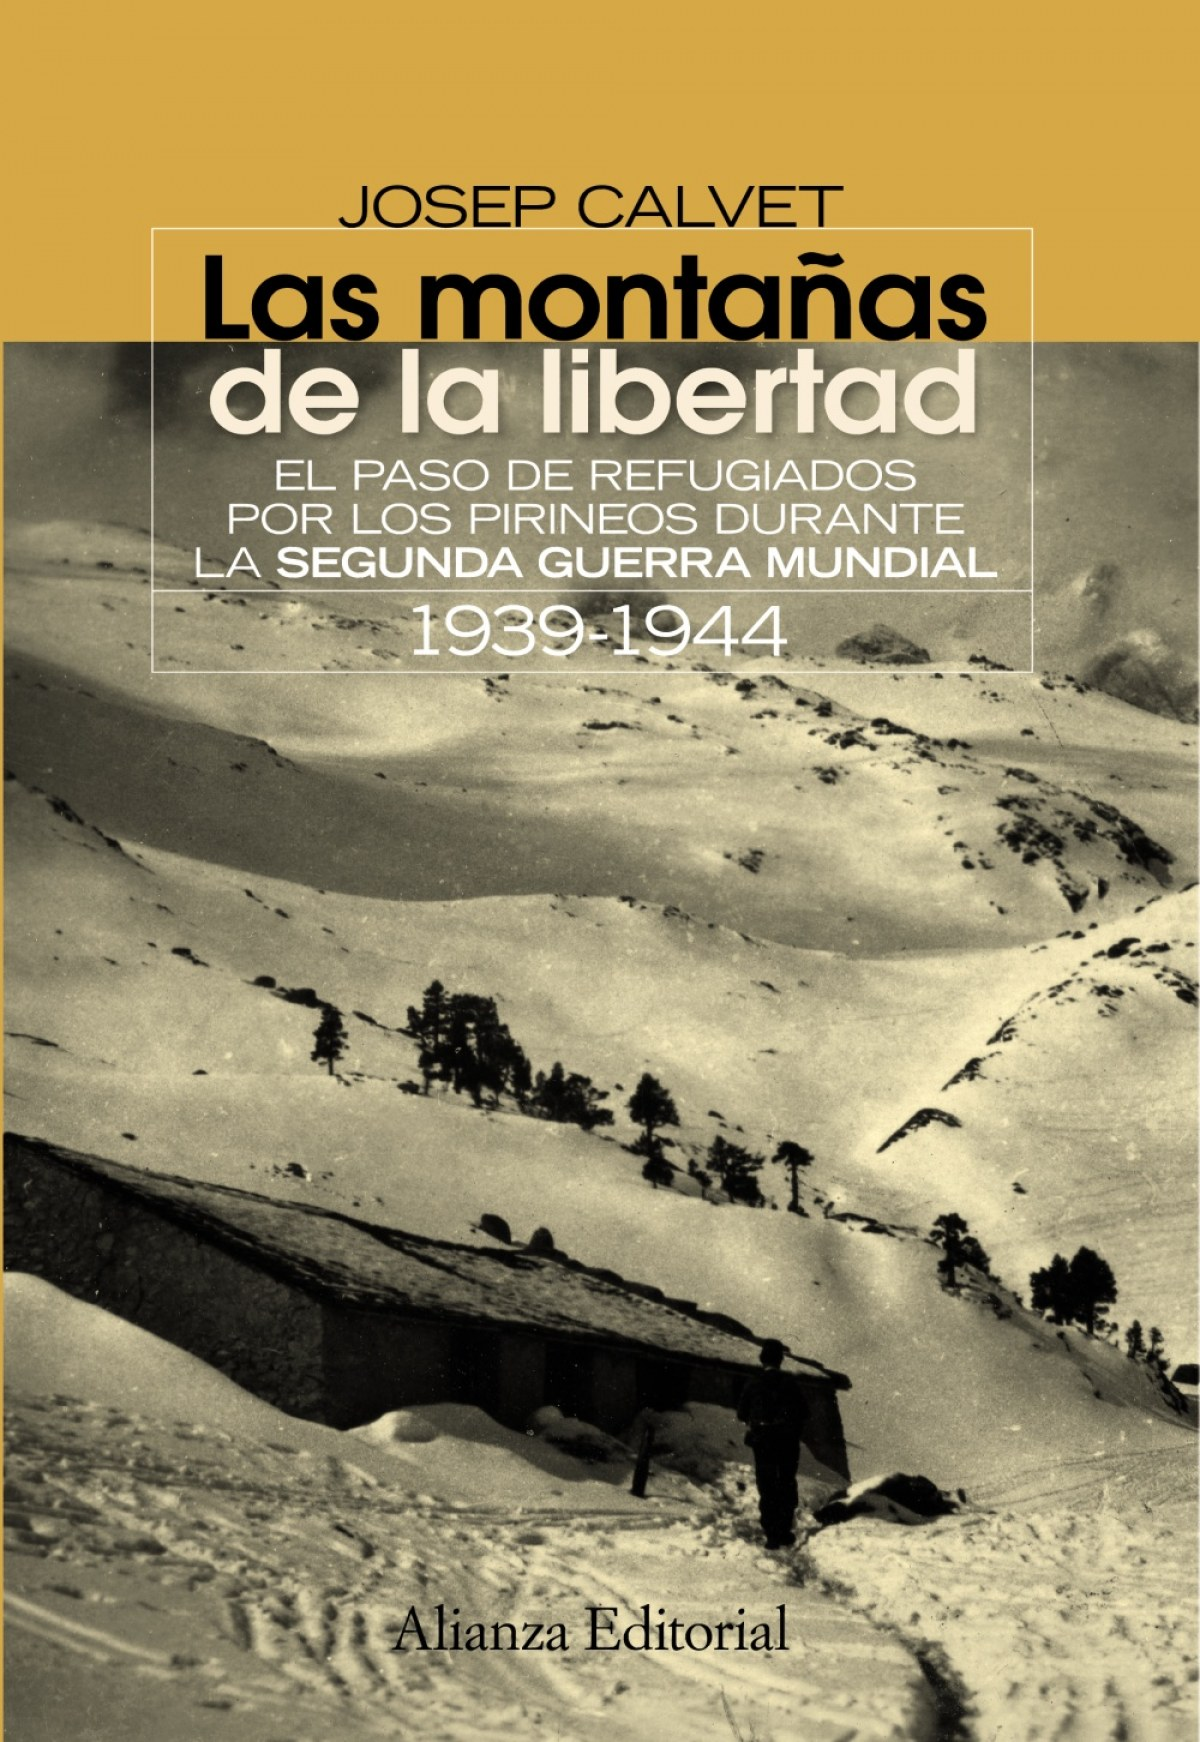 Las montañas de la libertad 9788420654638